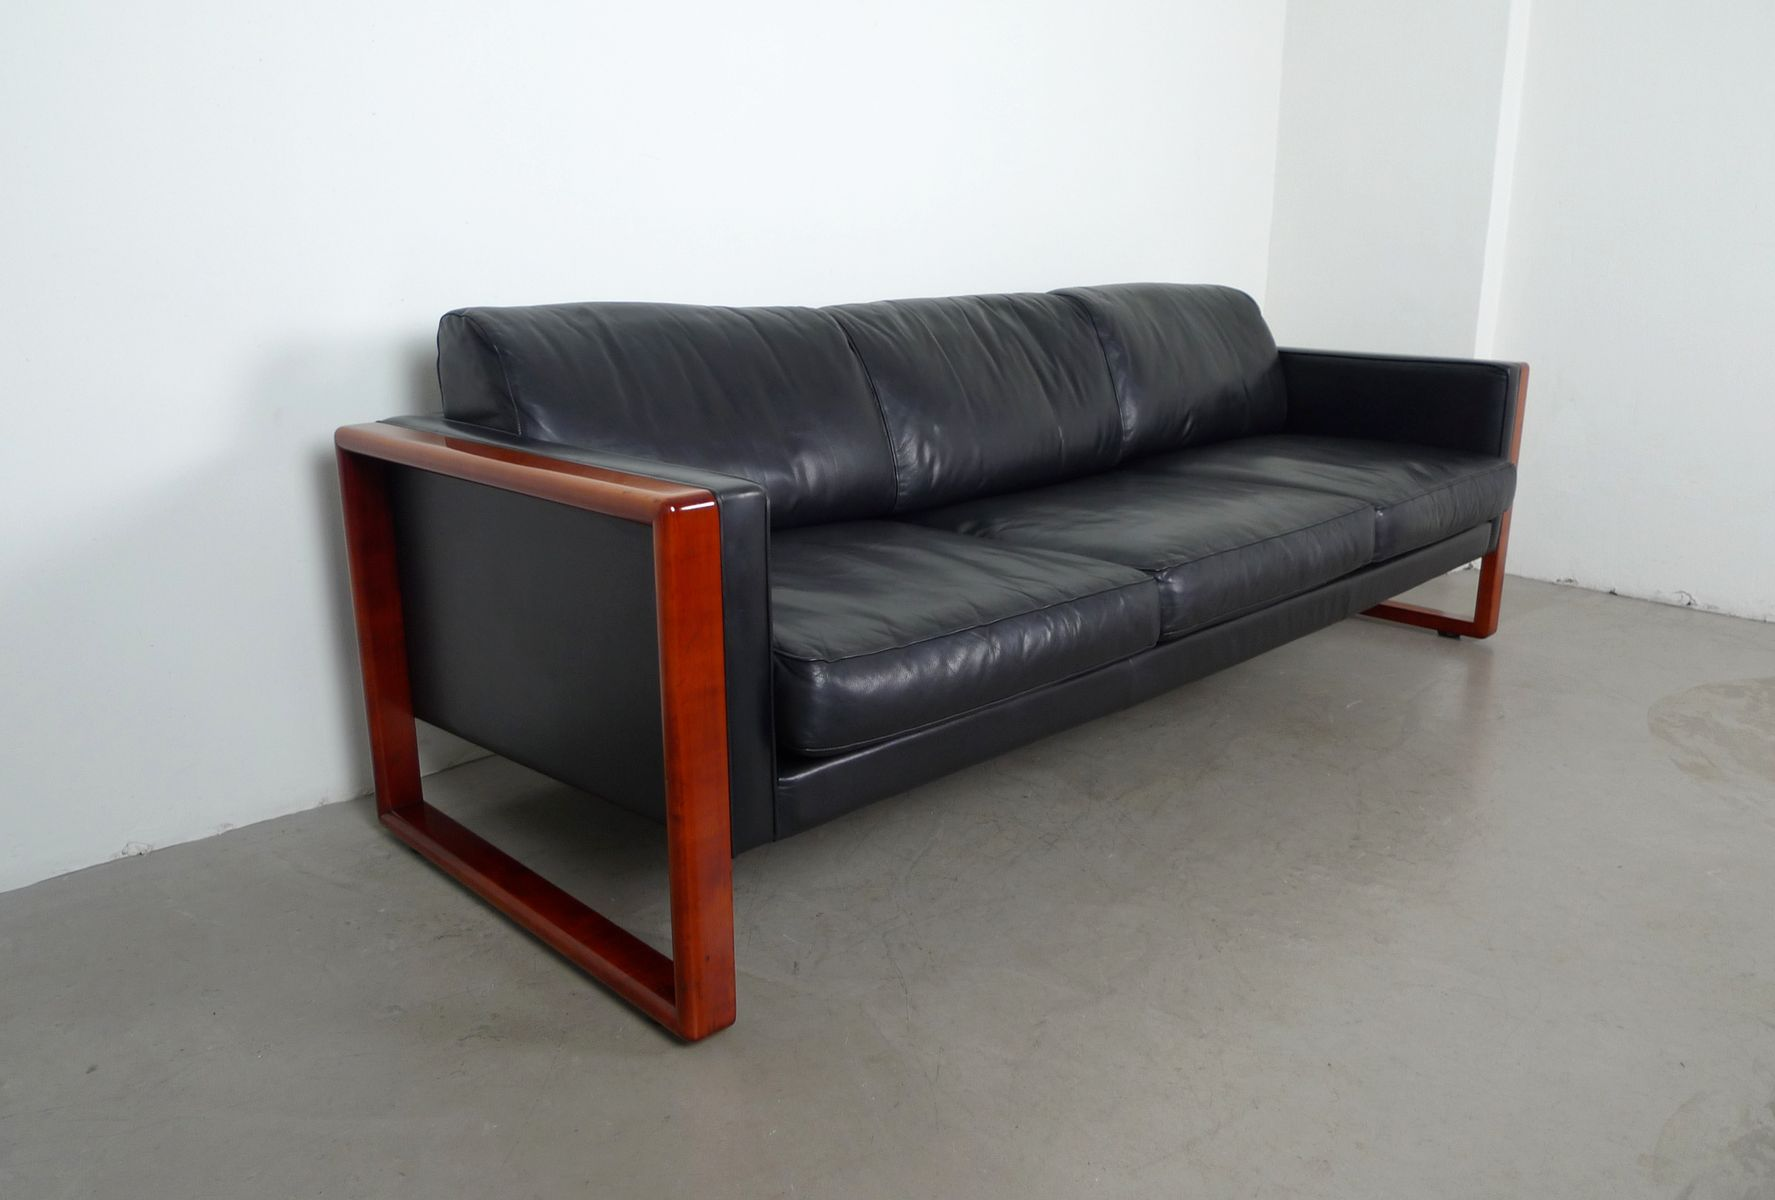 Walter knoll sofa bed okaycreations walter knoll sofa bed okaycreations net parisarafo Gallery